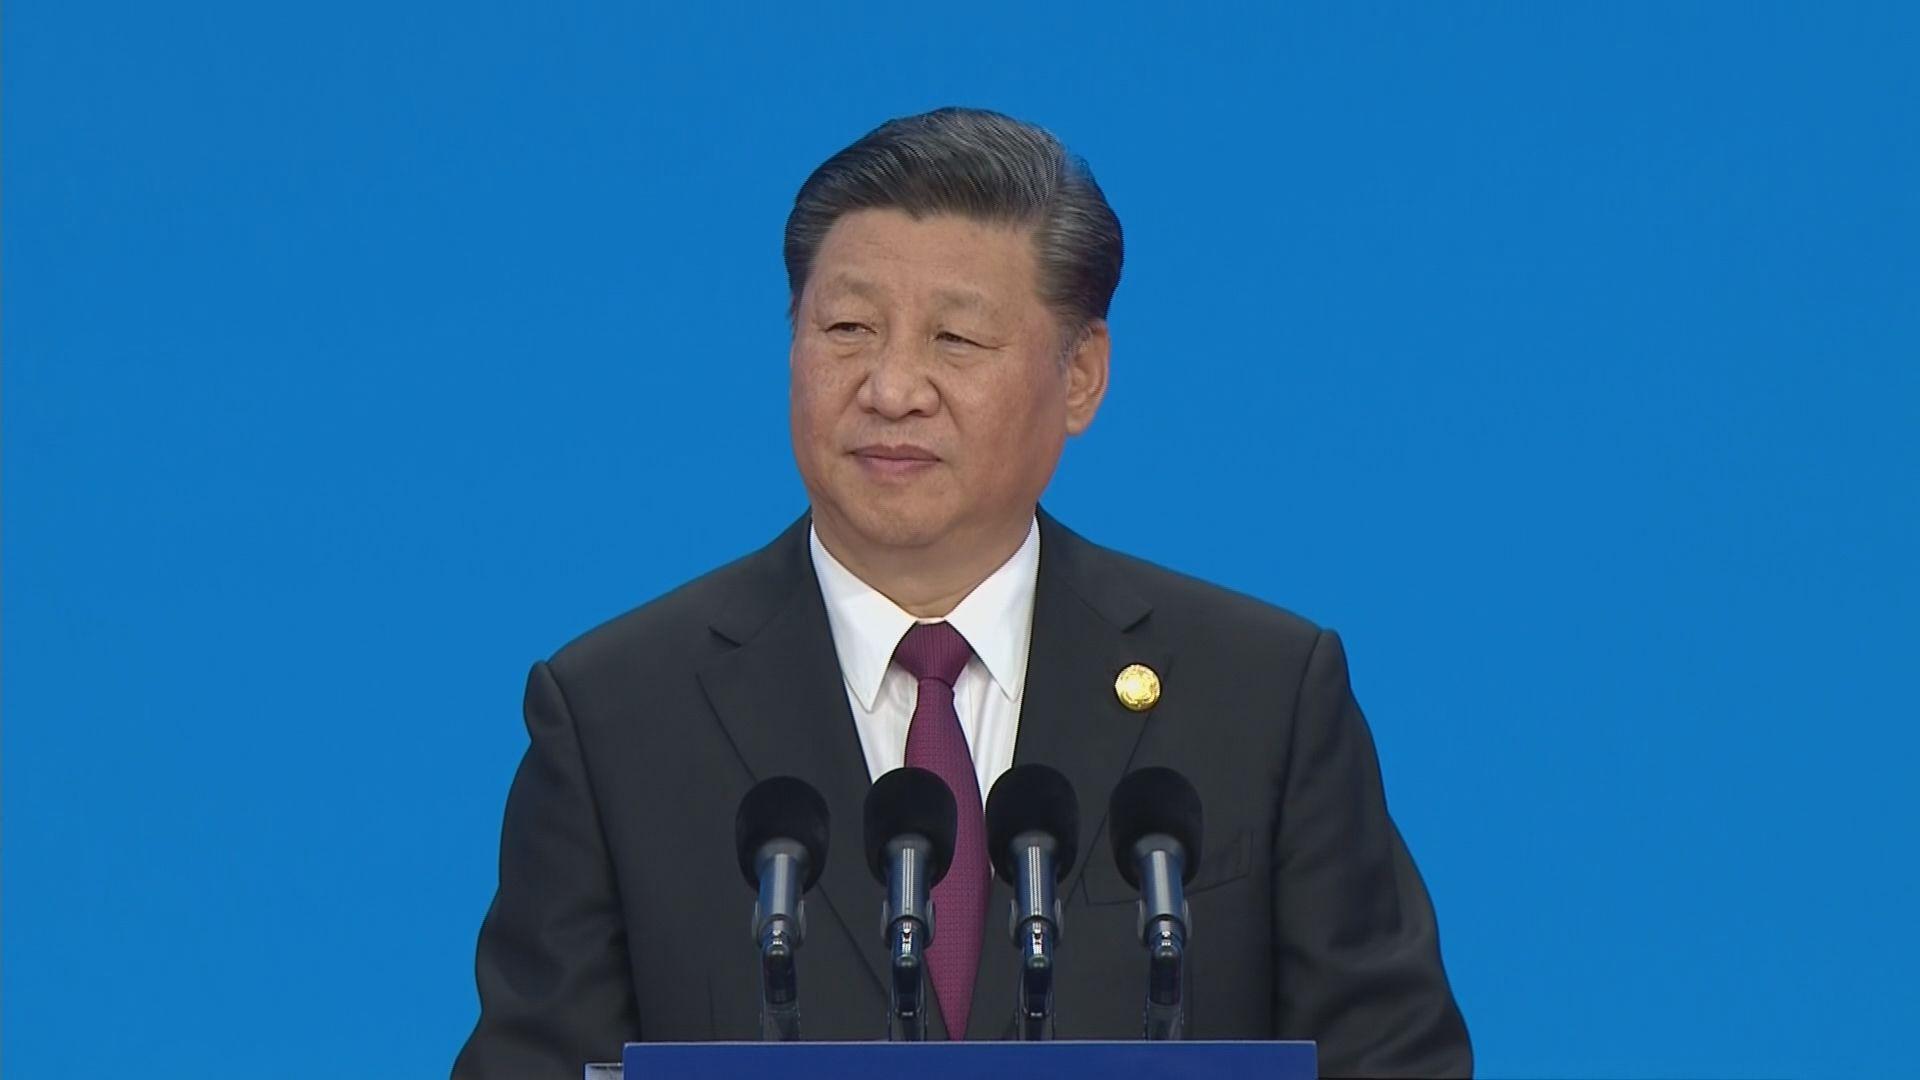 【進博會開幕】習近平:中國會持續放寬市場准入